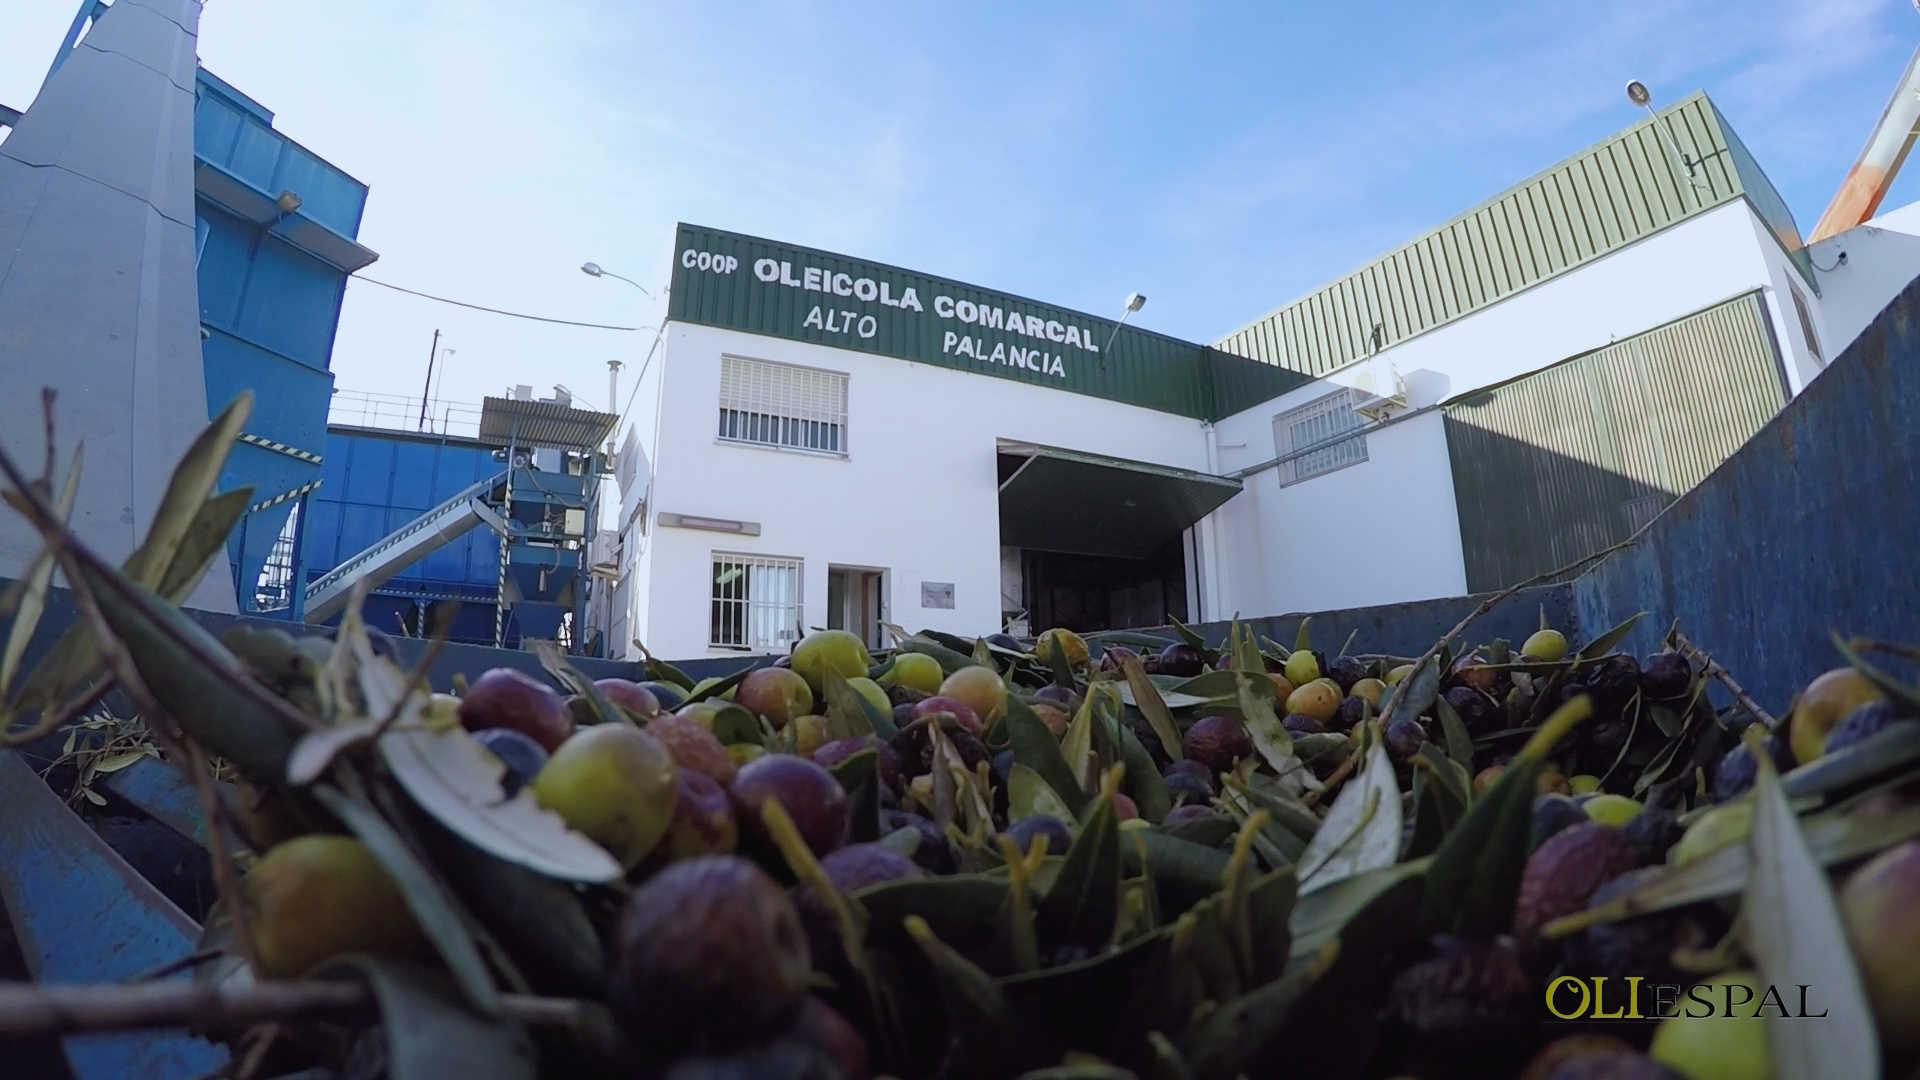 COOPERATIVA AGRICOLA OLEICOLA DEL ALTO PALANCIA COOPERATIVA VALENCIANA DE 2º GRADO